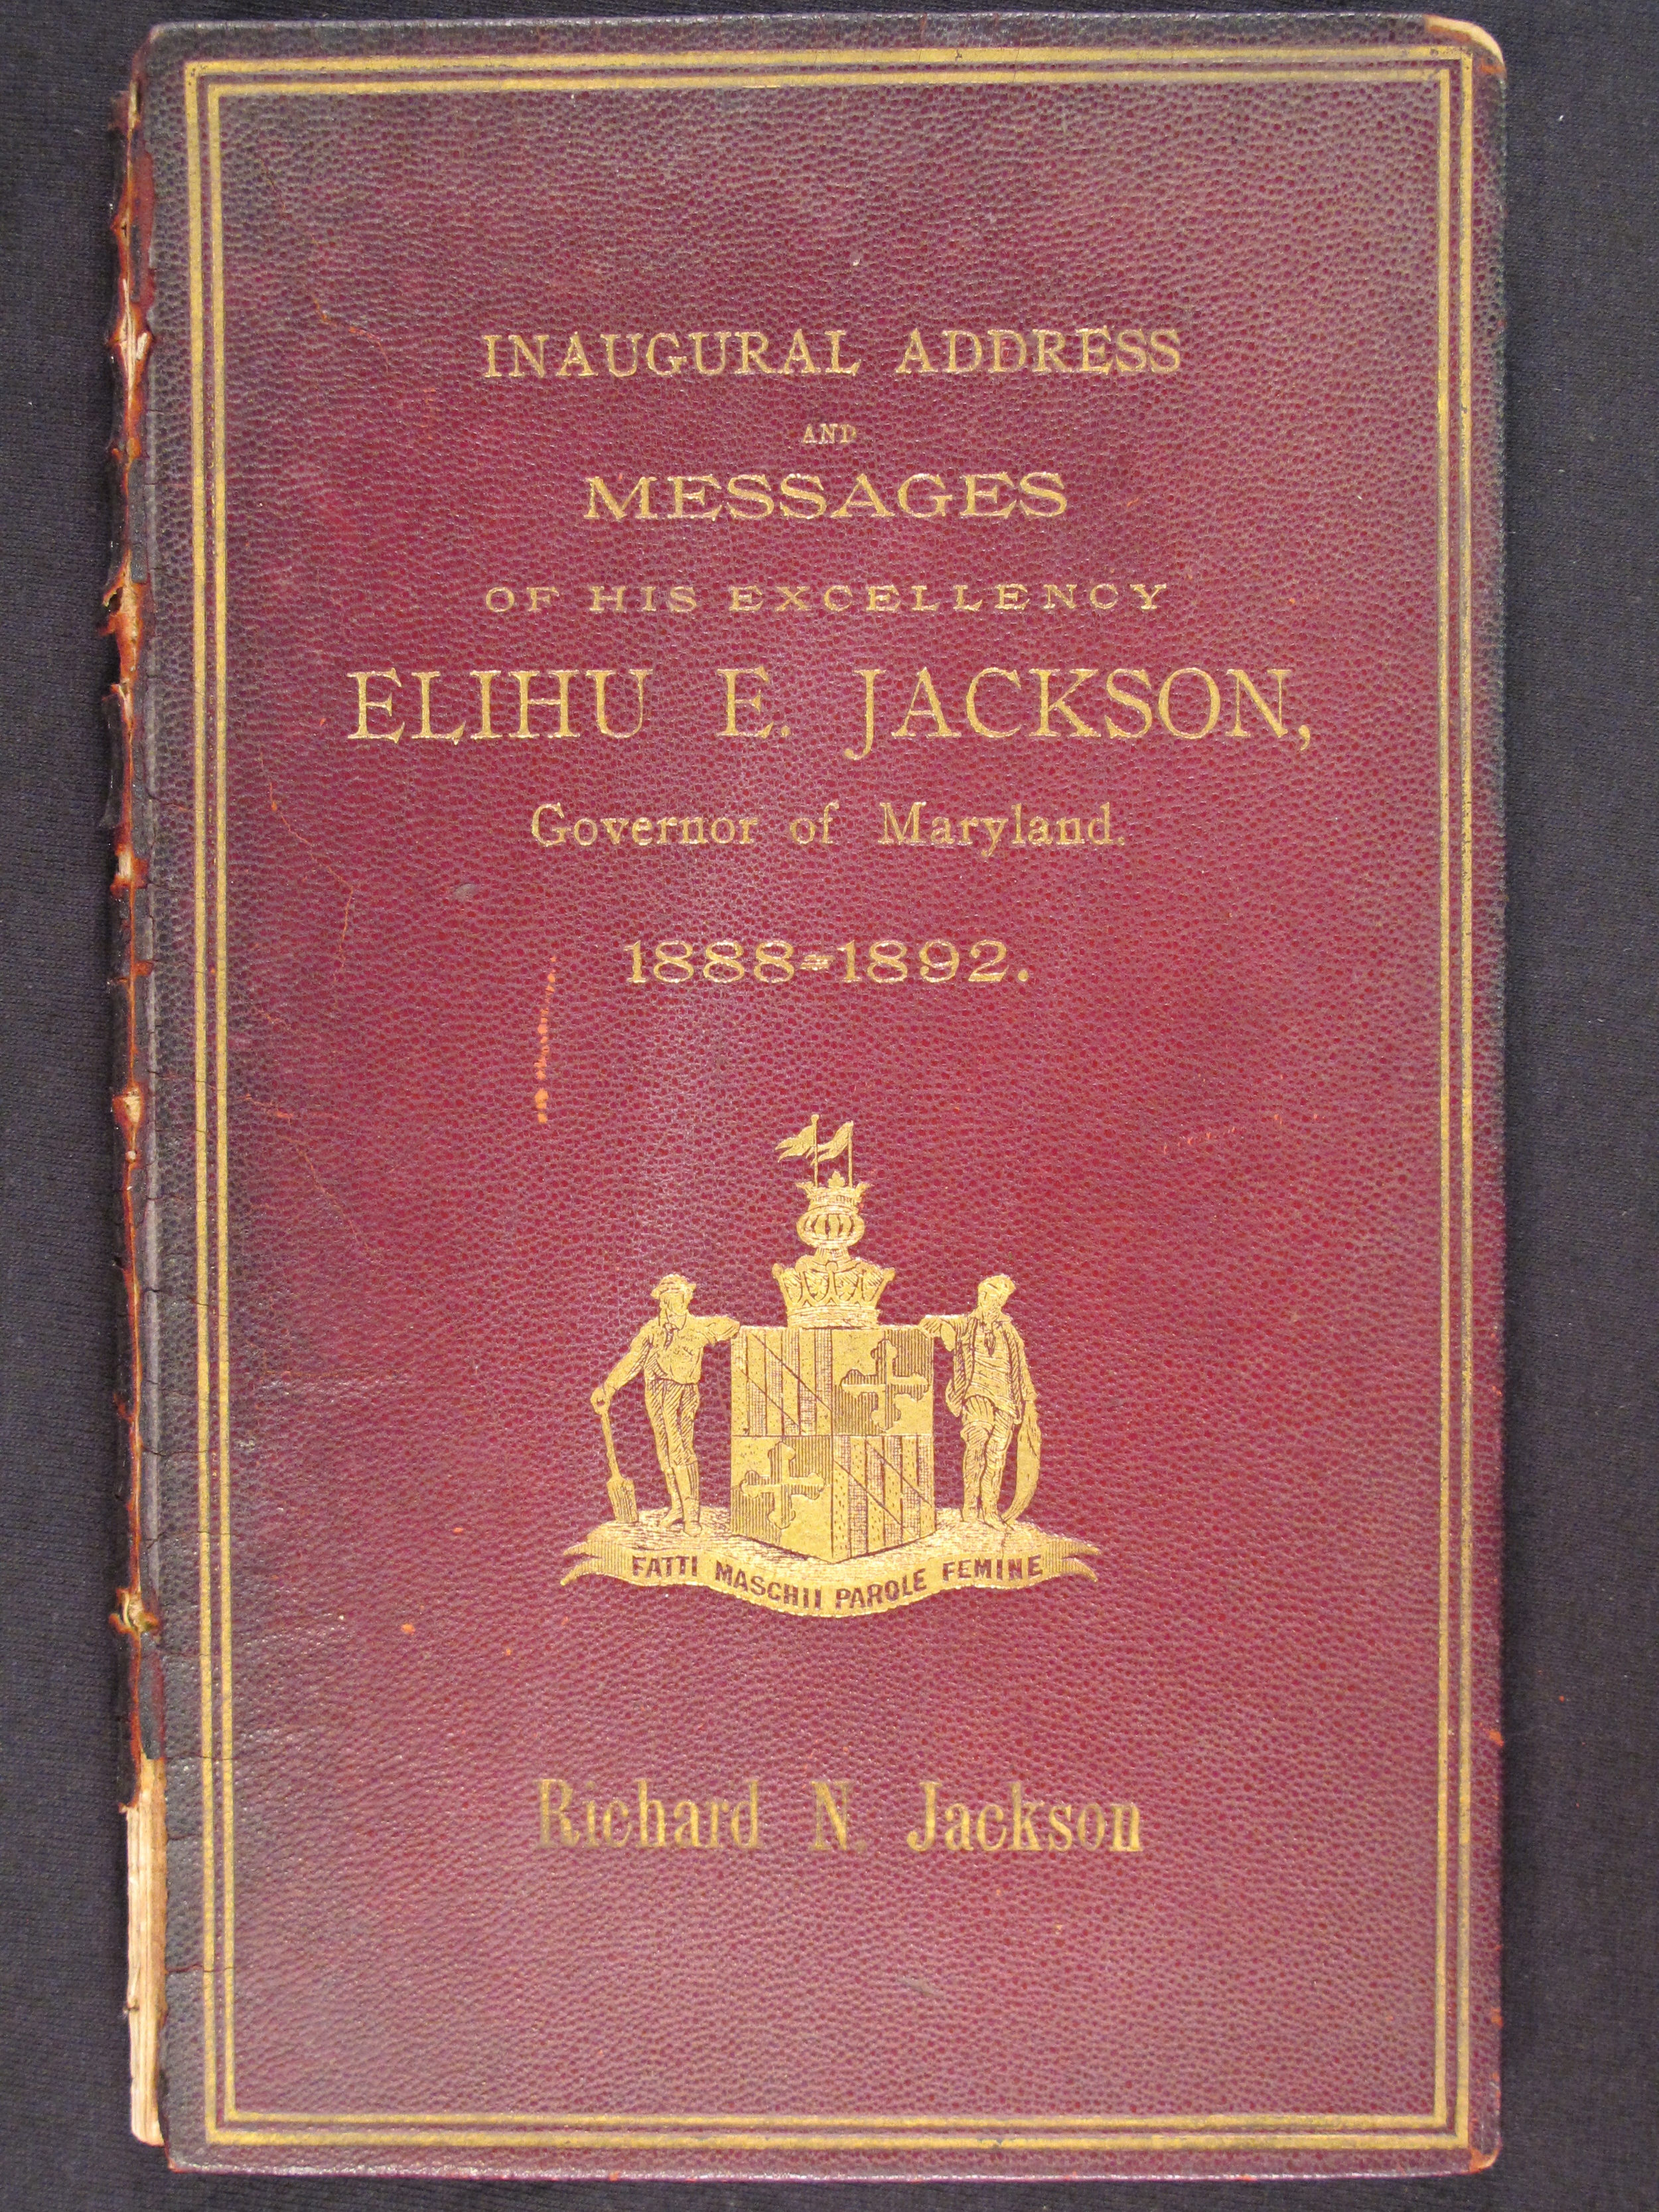 Elihu Jackson